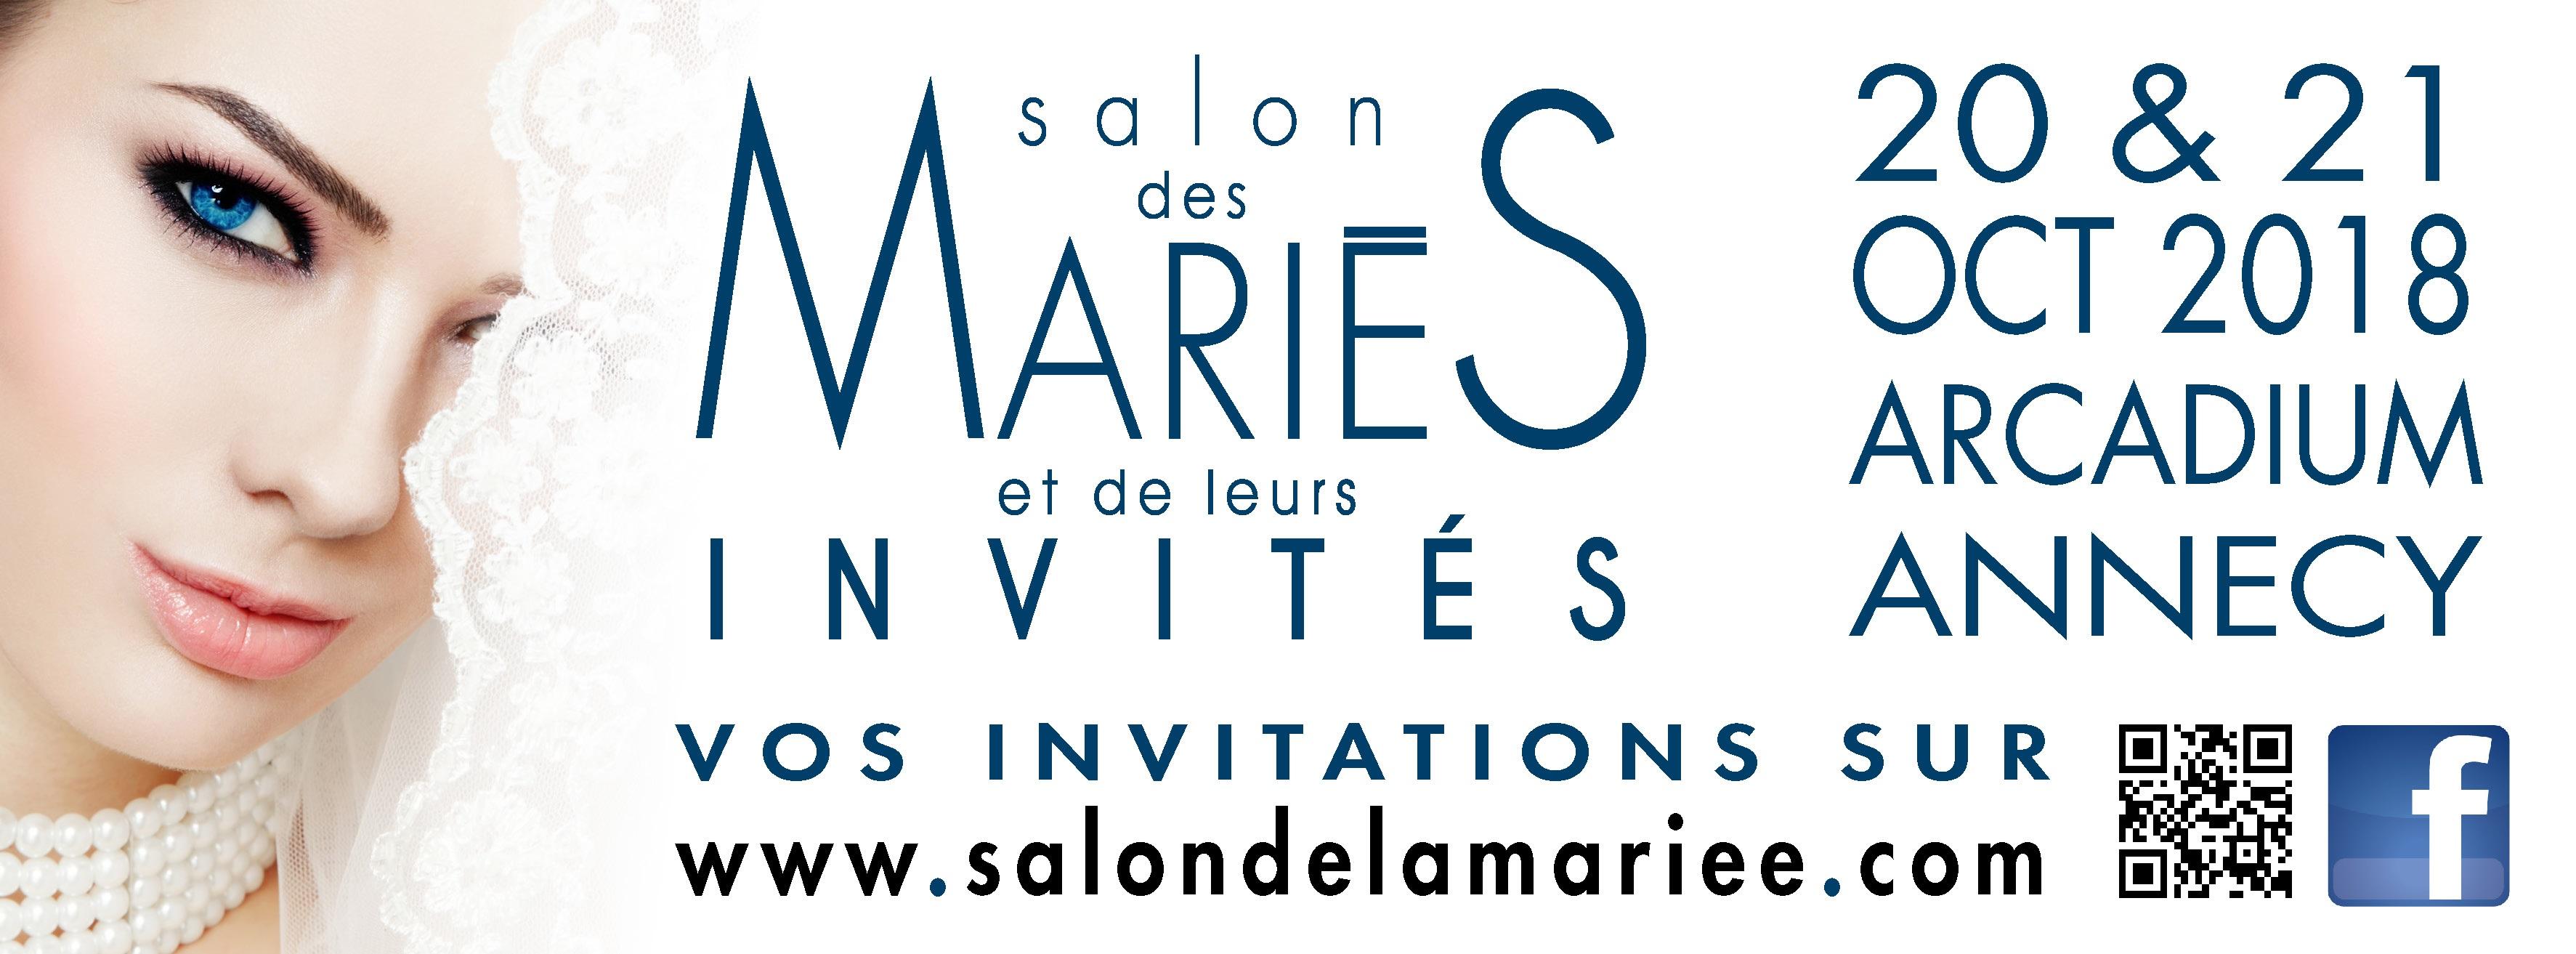 SALON DES MARIES ANNECY